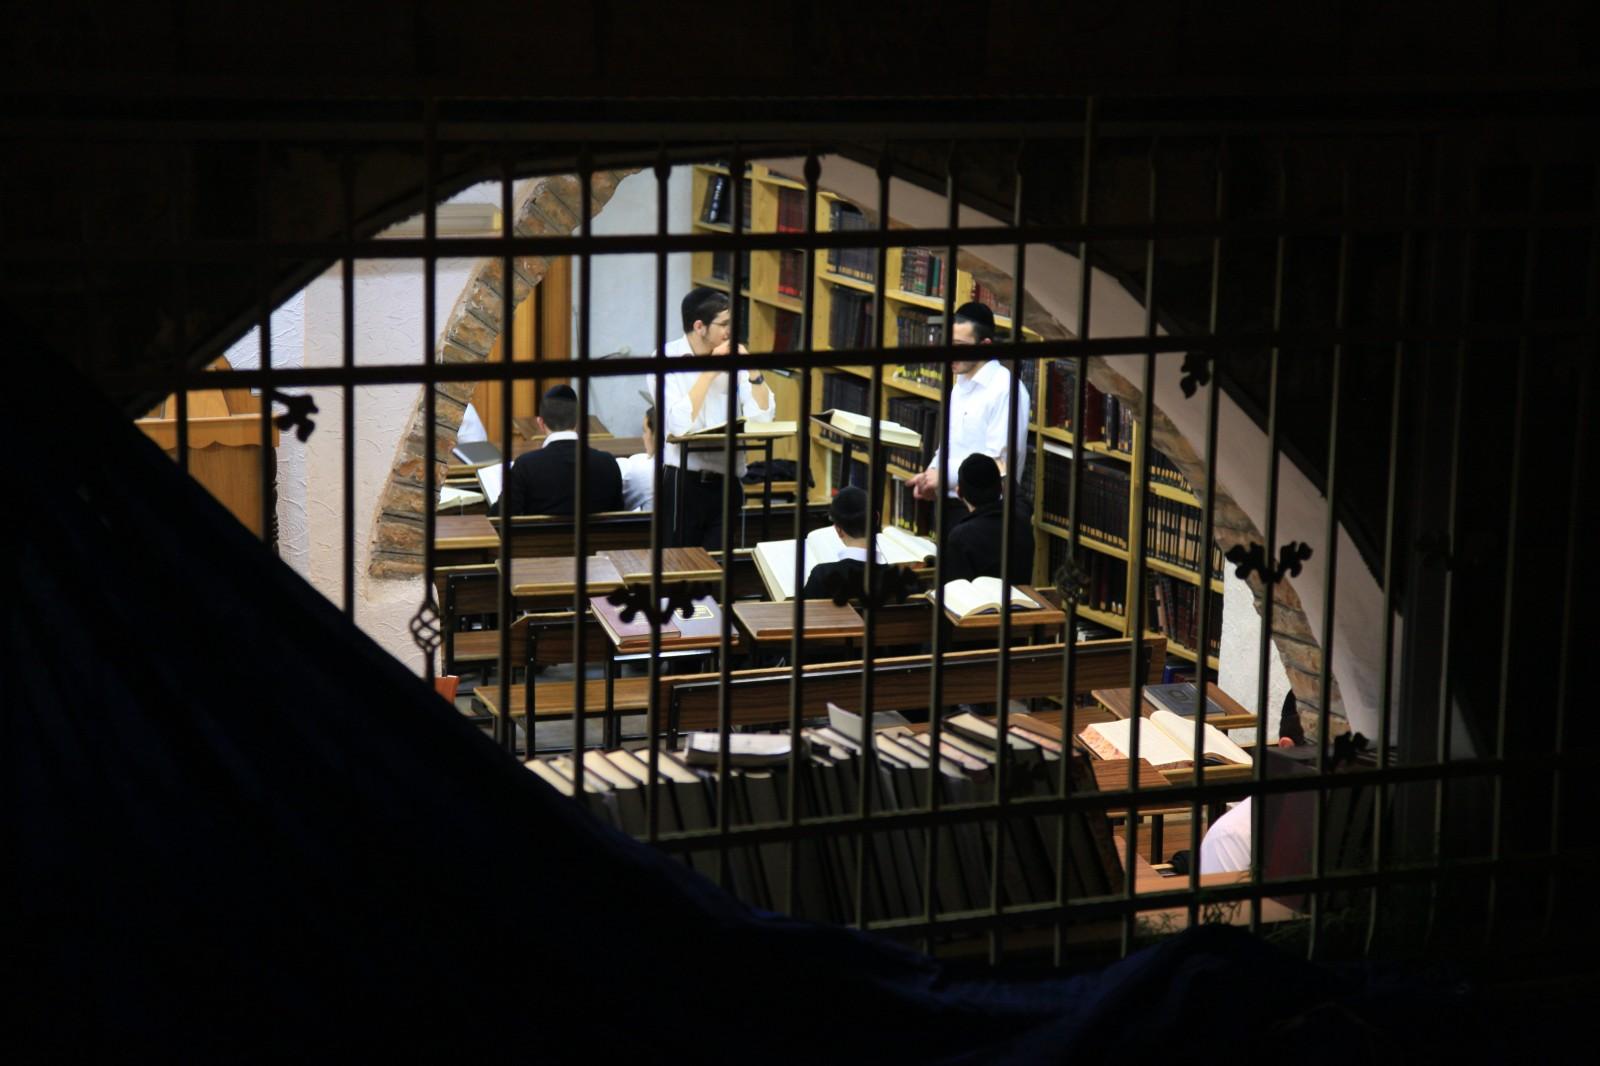 Jewish study room